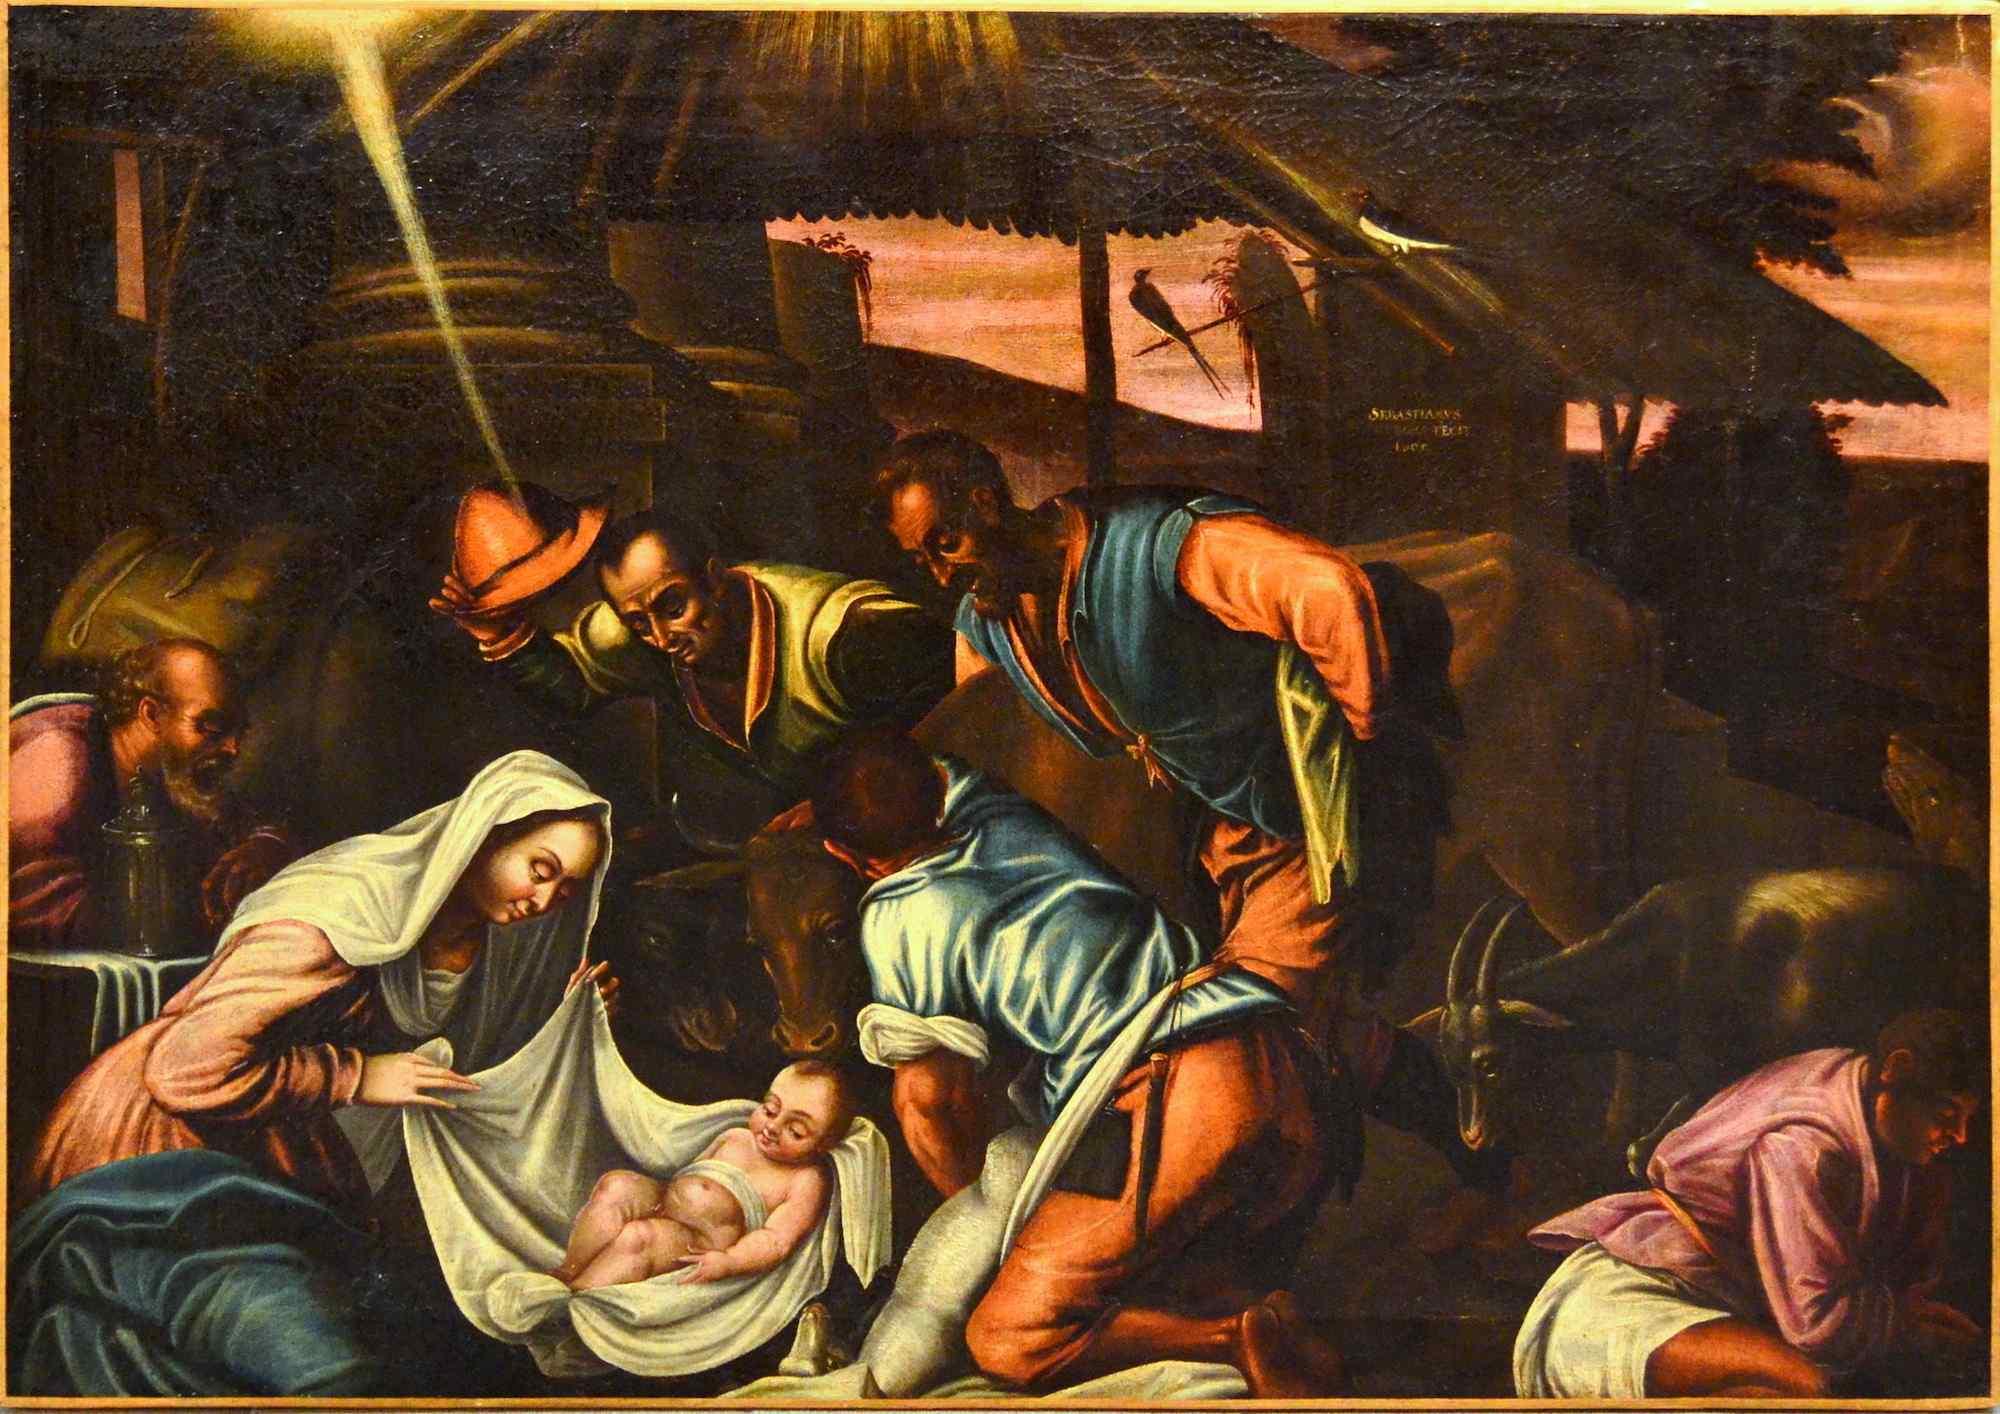 L'Adoration des bergers - Atelier de Jacopo Bassano